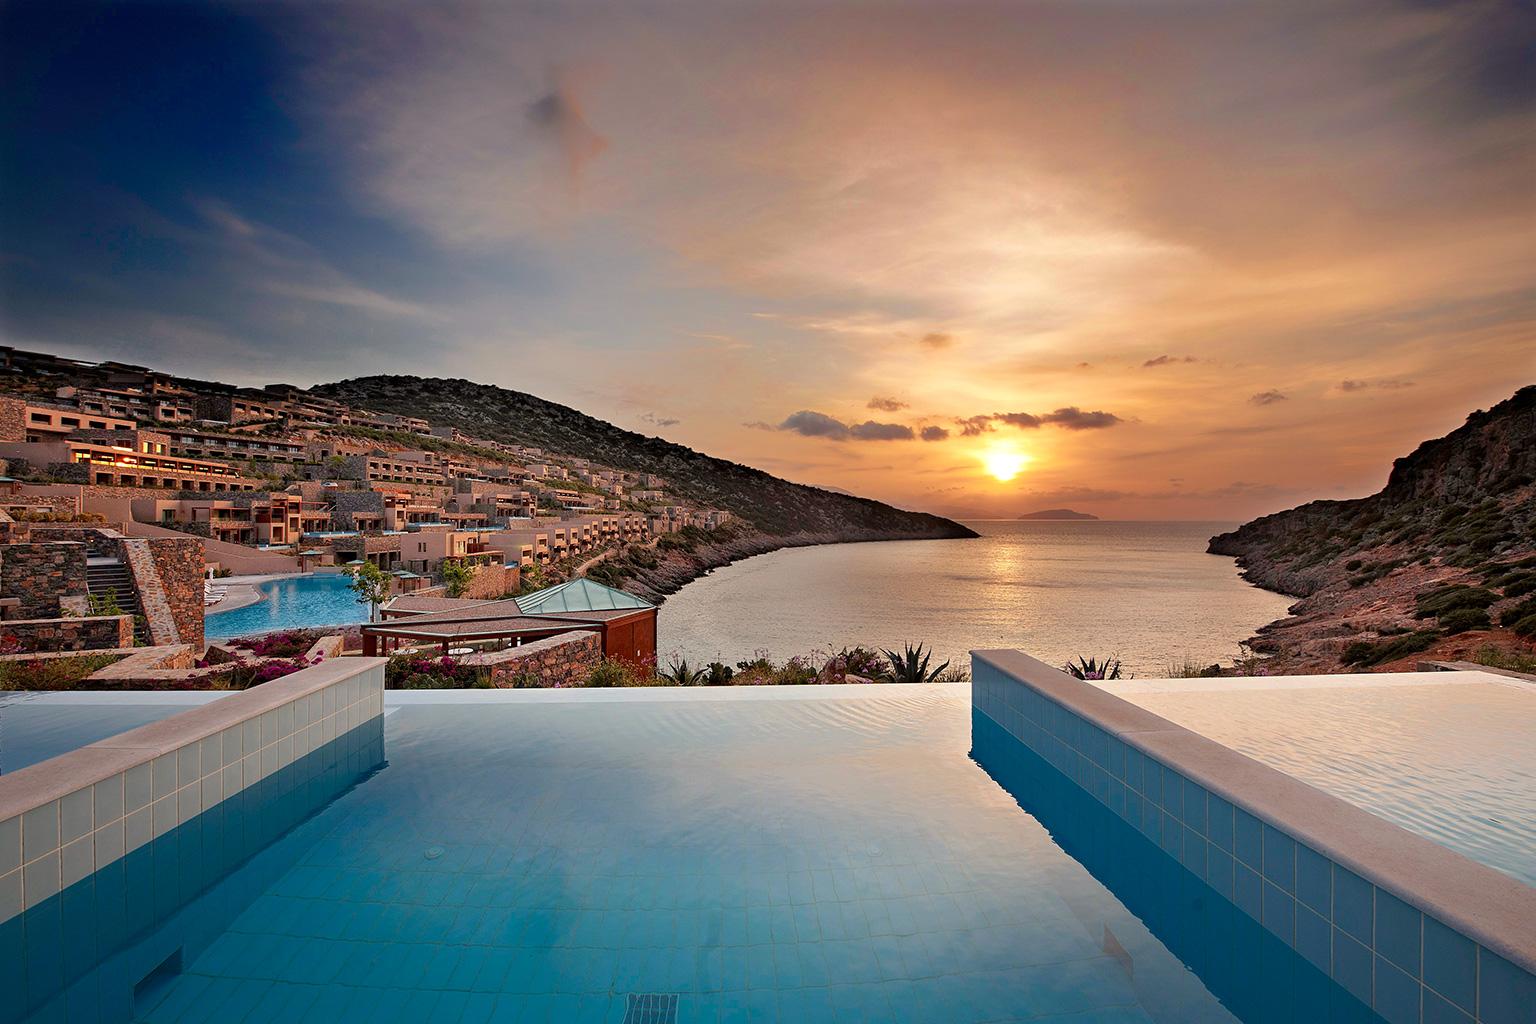 Daios Cove Luxury Resort Amp Villas Auf Kreta Designreisen